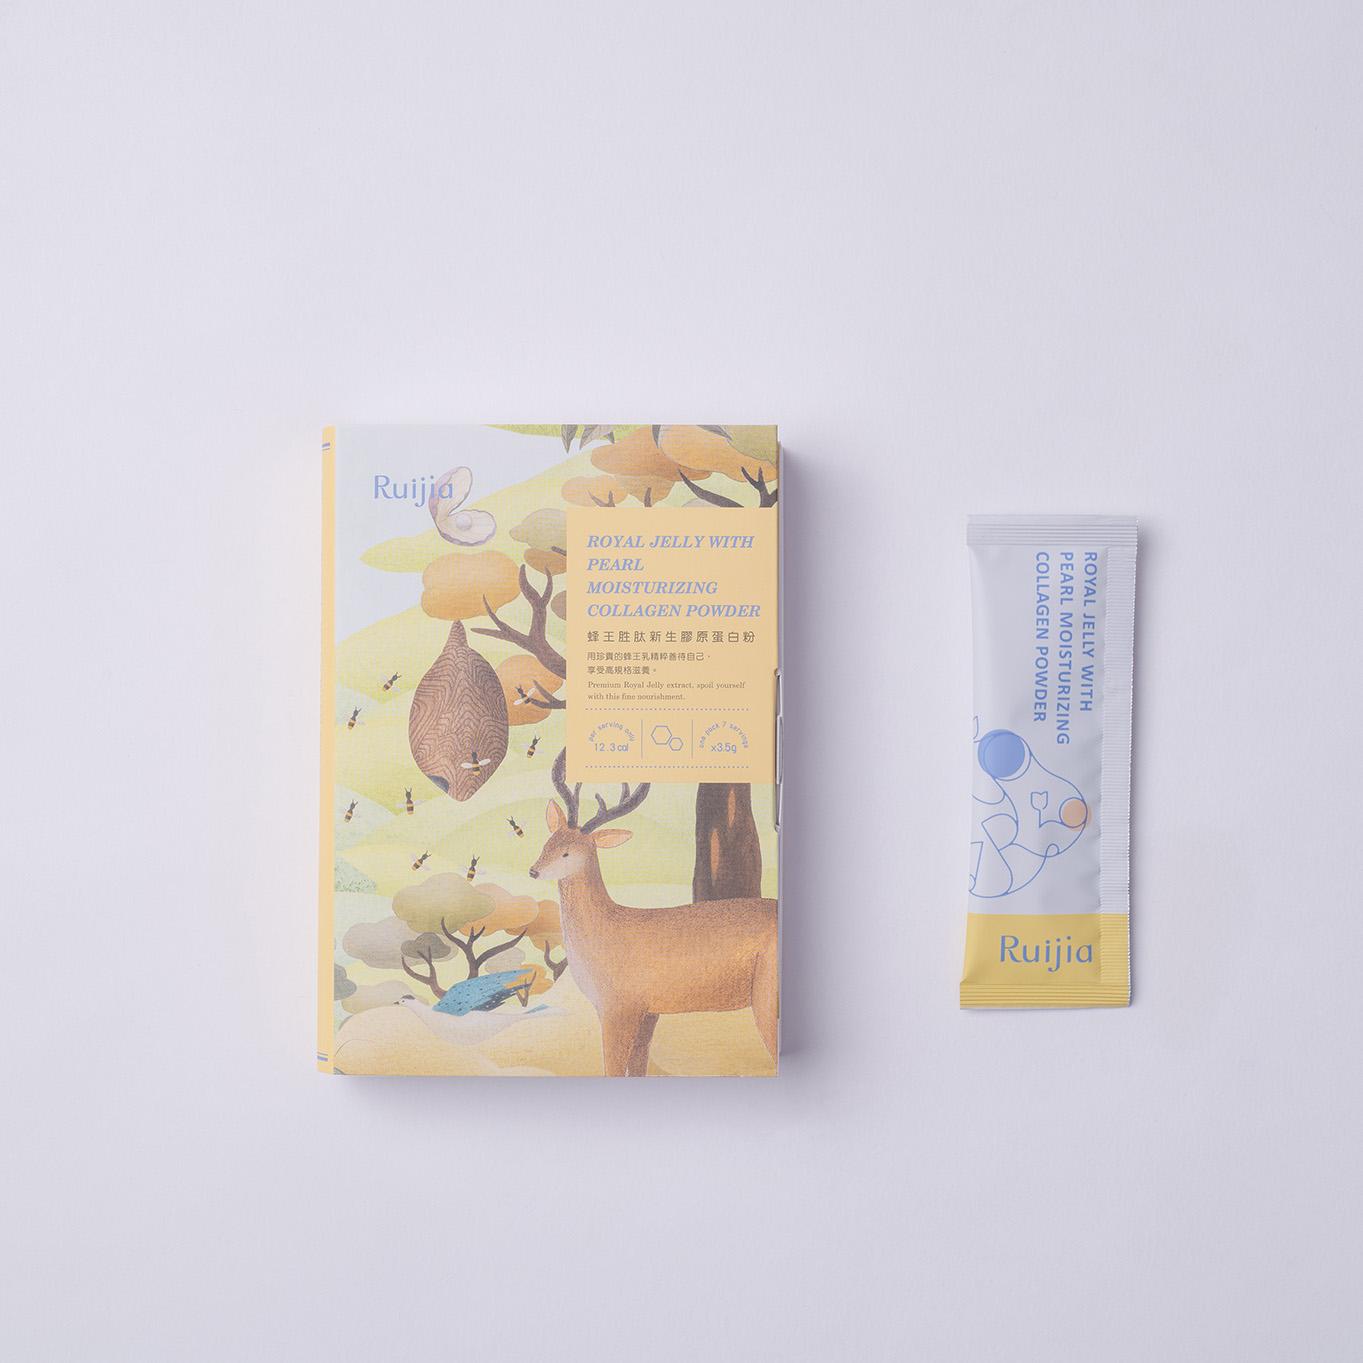 蜂王胜肽新生膠原蛋白粉(7日份) Royal Jelly With Pearl Moisturizing Collagen Powder